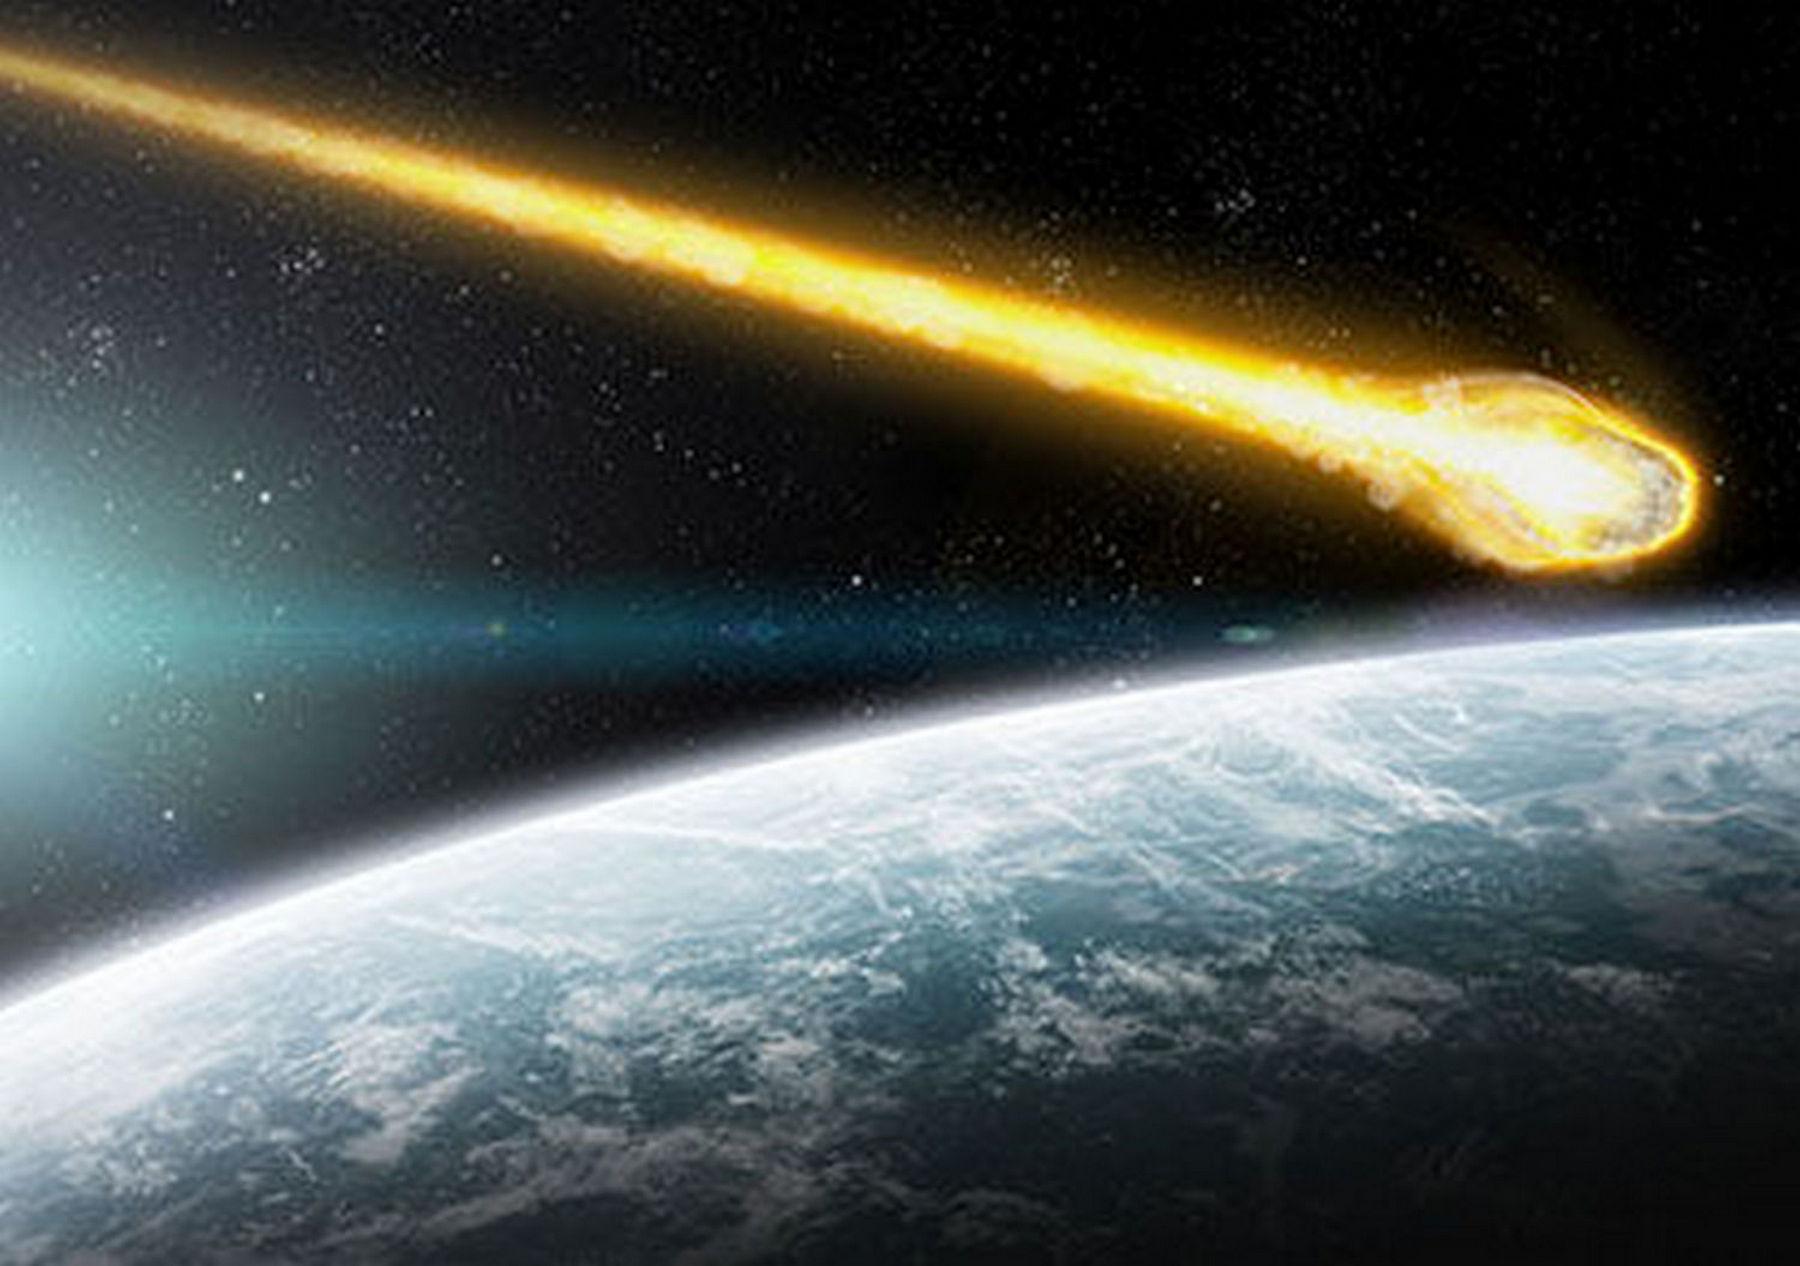 Над США пронесся российский военный спутник: ослепительно летел и упал в районе Великих озер